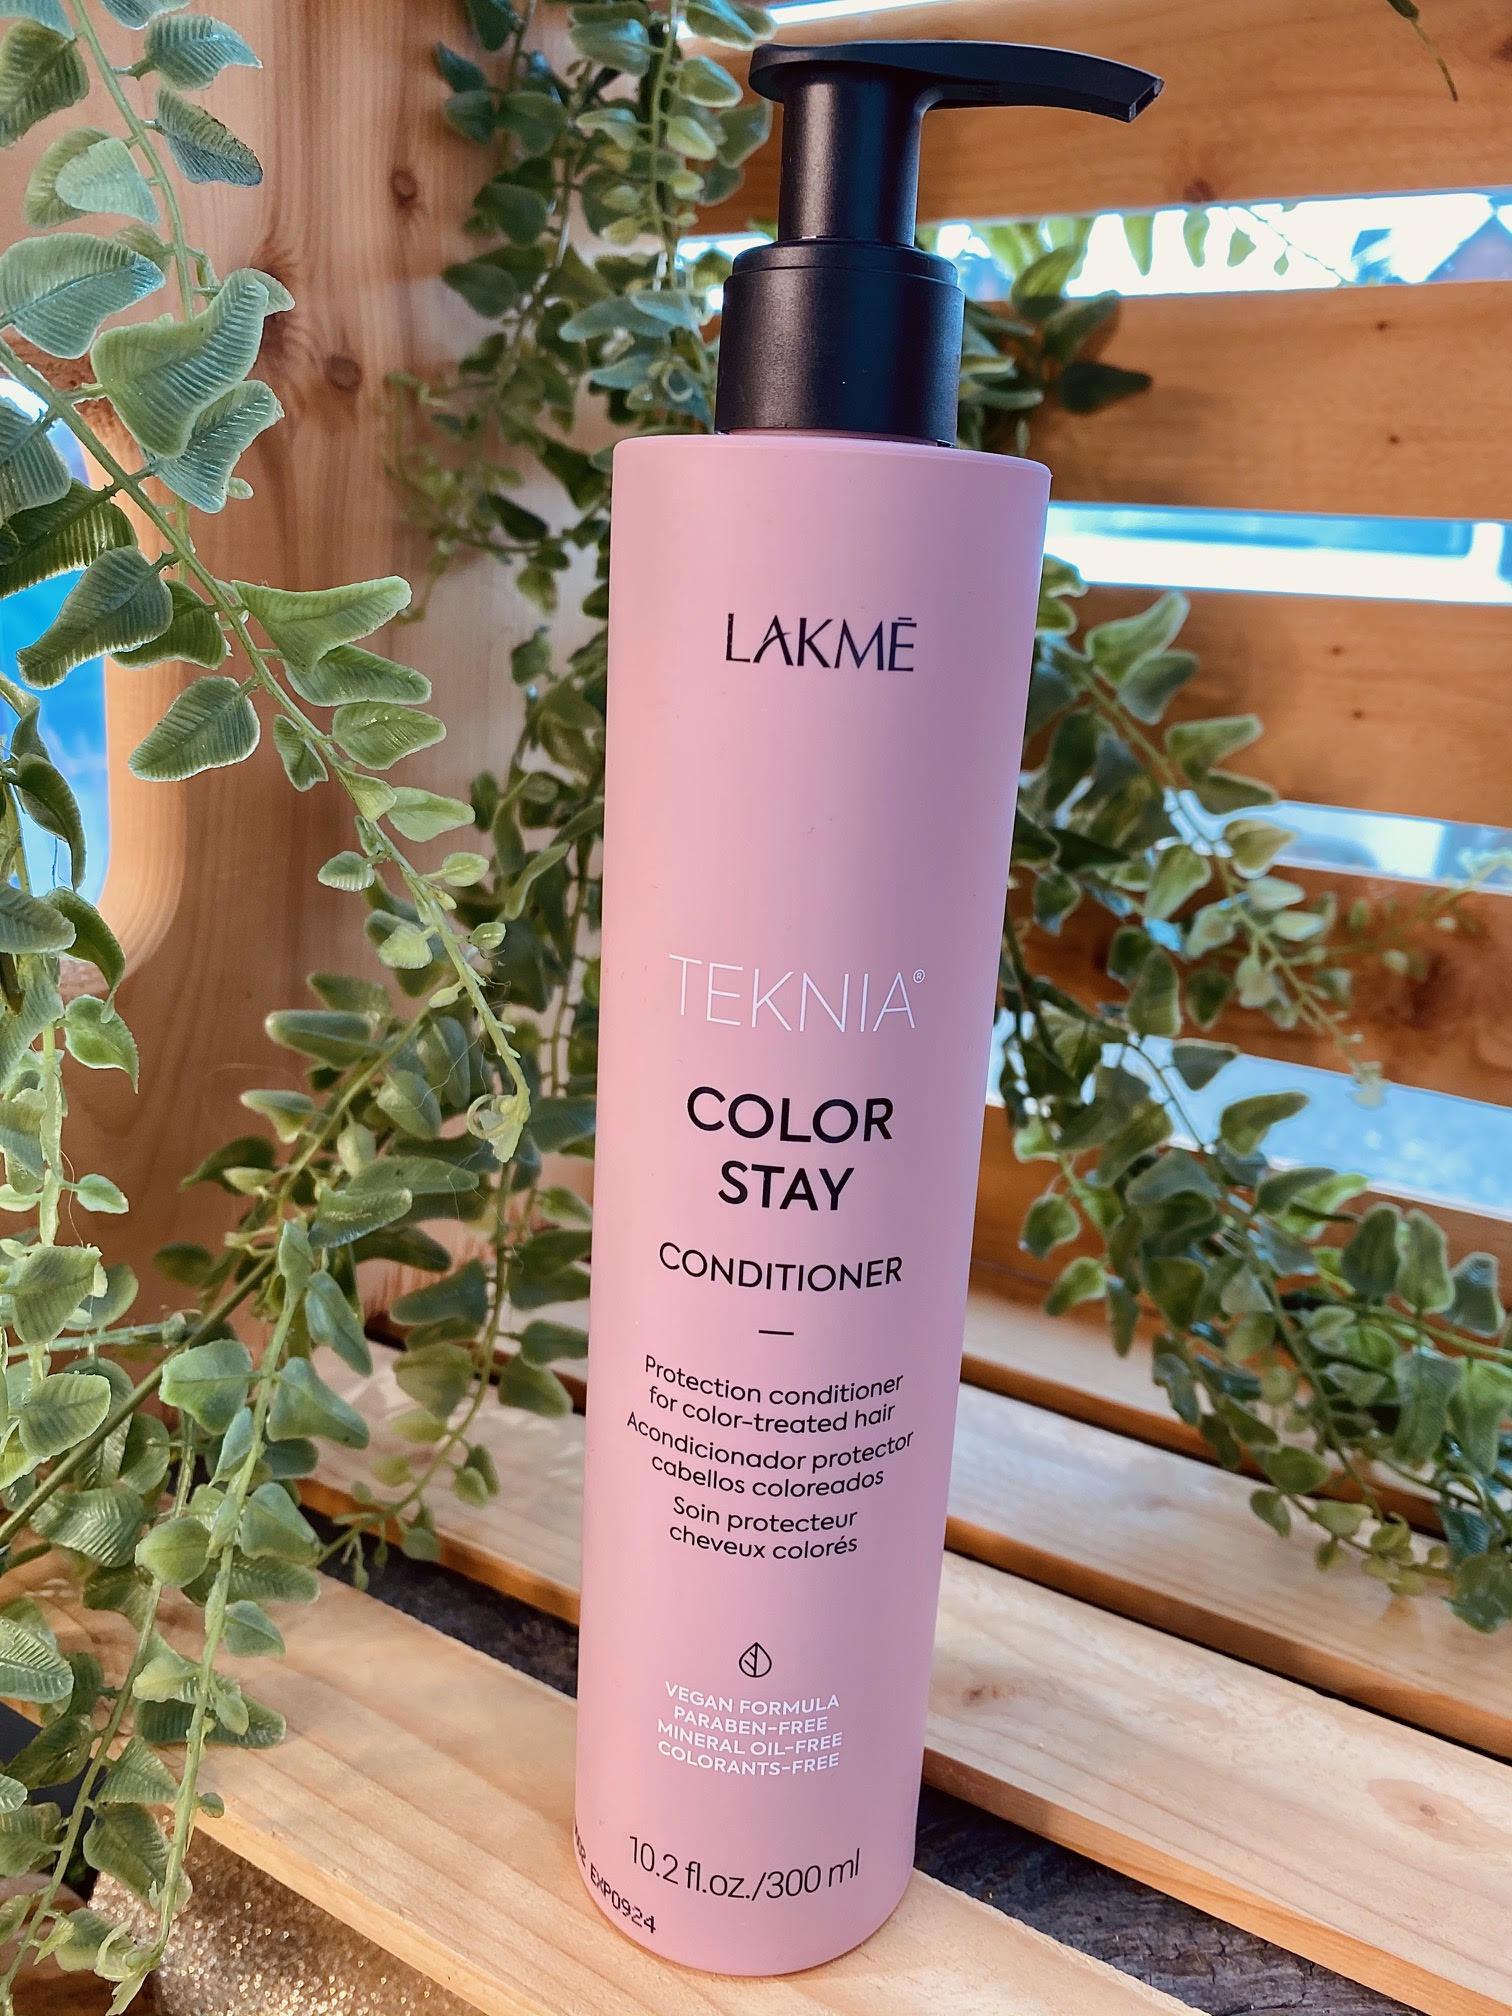 Lakmé TEKNIA color stay conditionneur 300ml